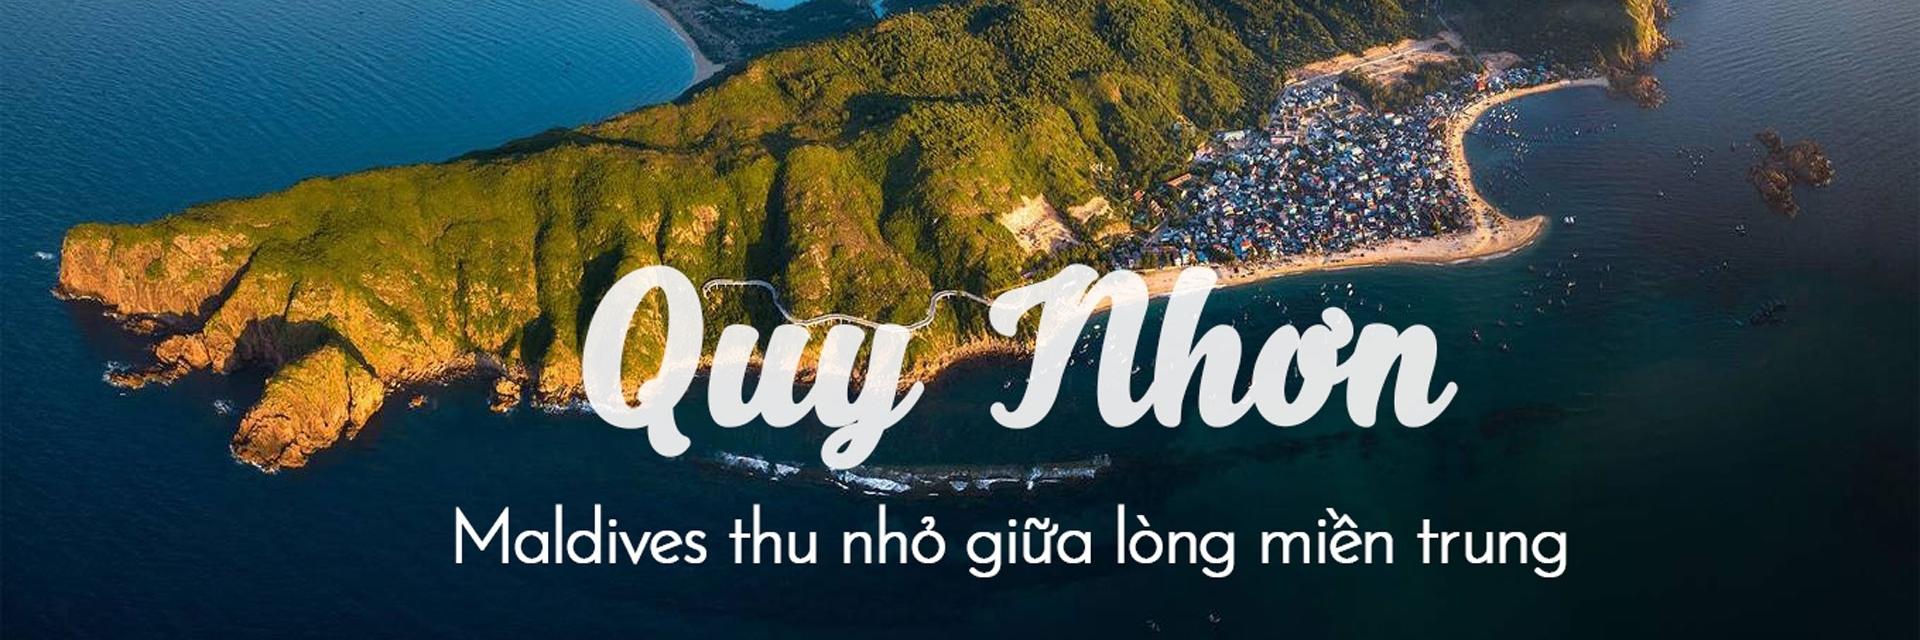 https://gody.vn/blog/lehuy24693023/post/kham-pha-quy-nhon-binh-dinh-dat-vo-hao-hung-6295